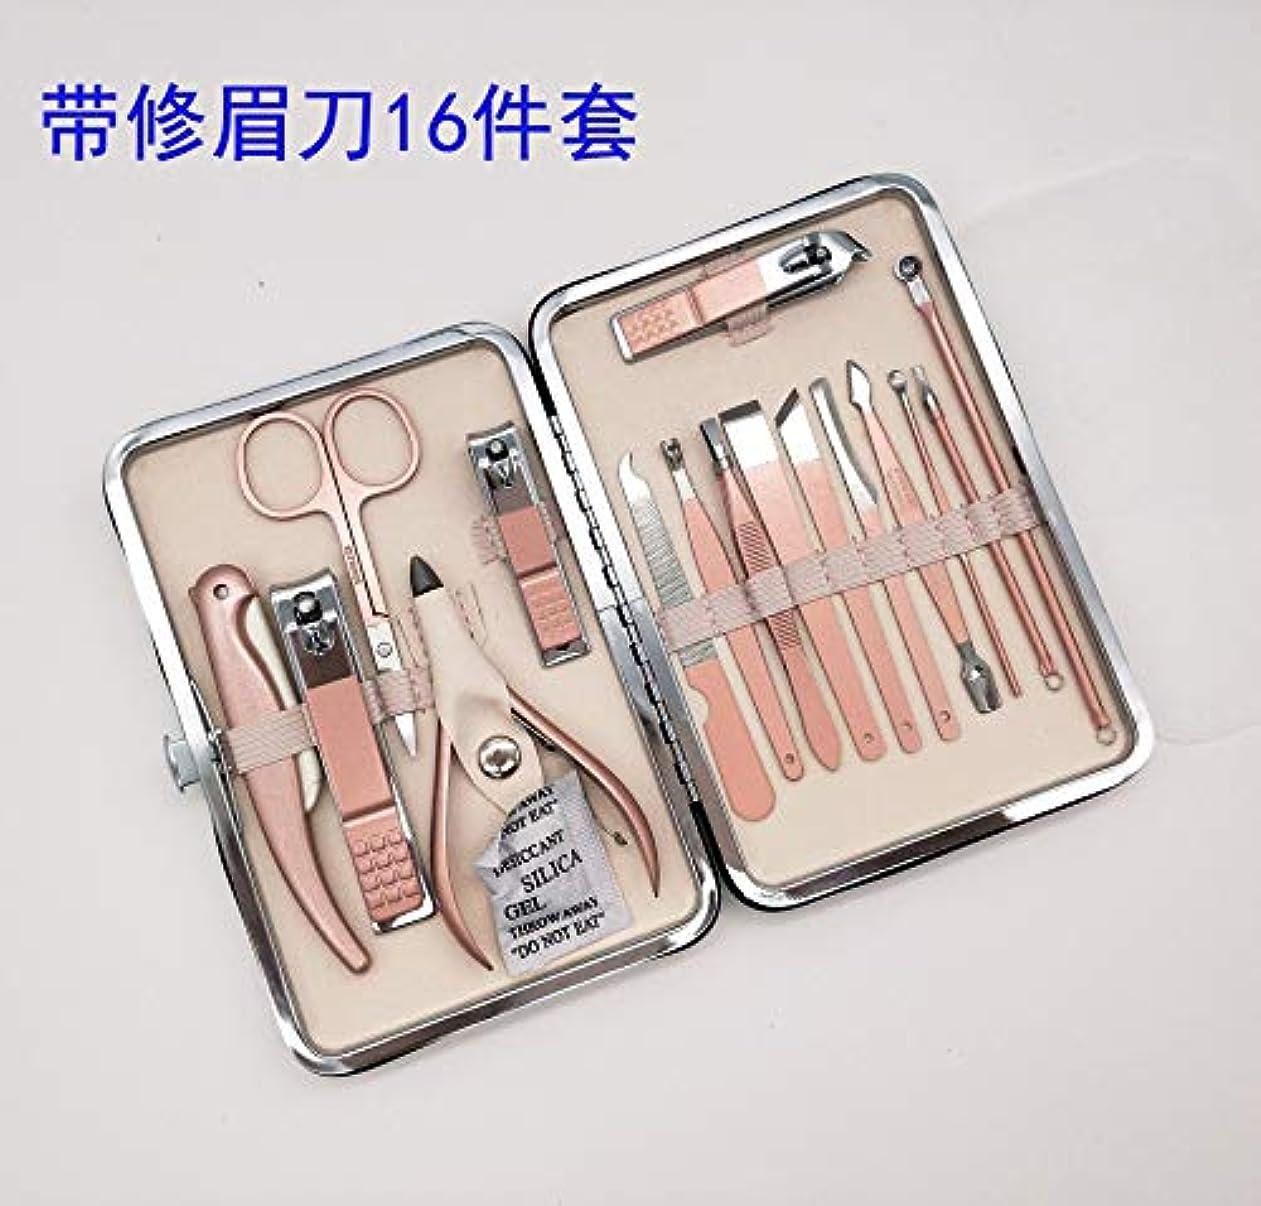 競合他社選手シンプルさ満足させる工場用品用の高品質ネイルハサミセット18 15ネイルツールセットペディキュア用ネイルクリッパー